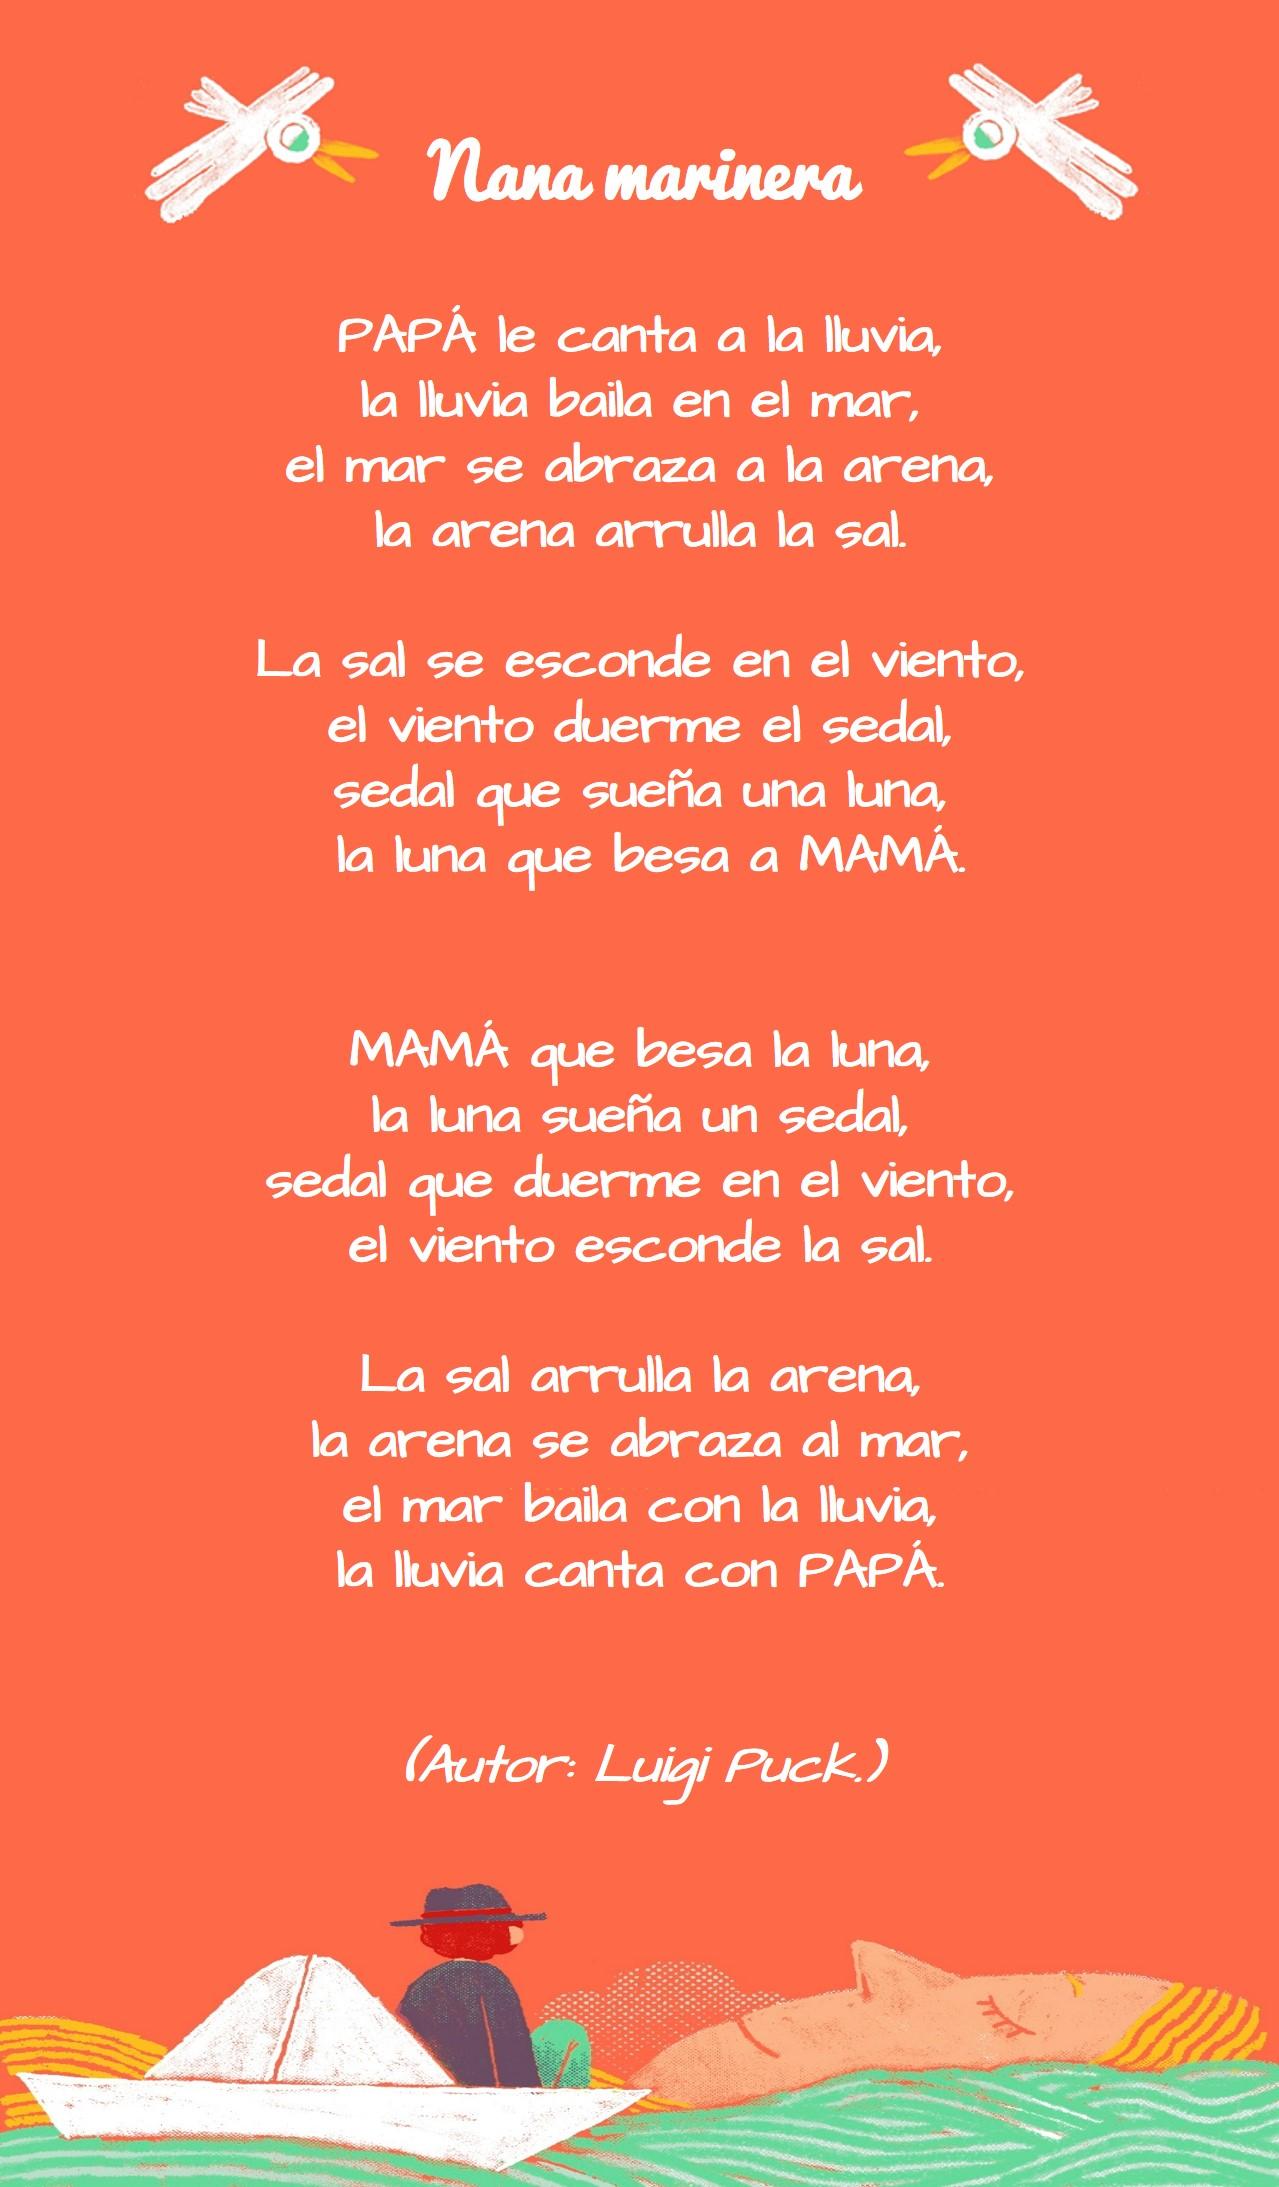 Nana marinera